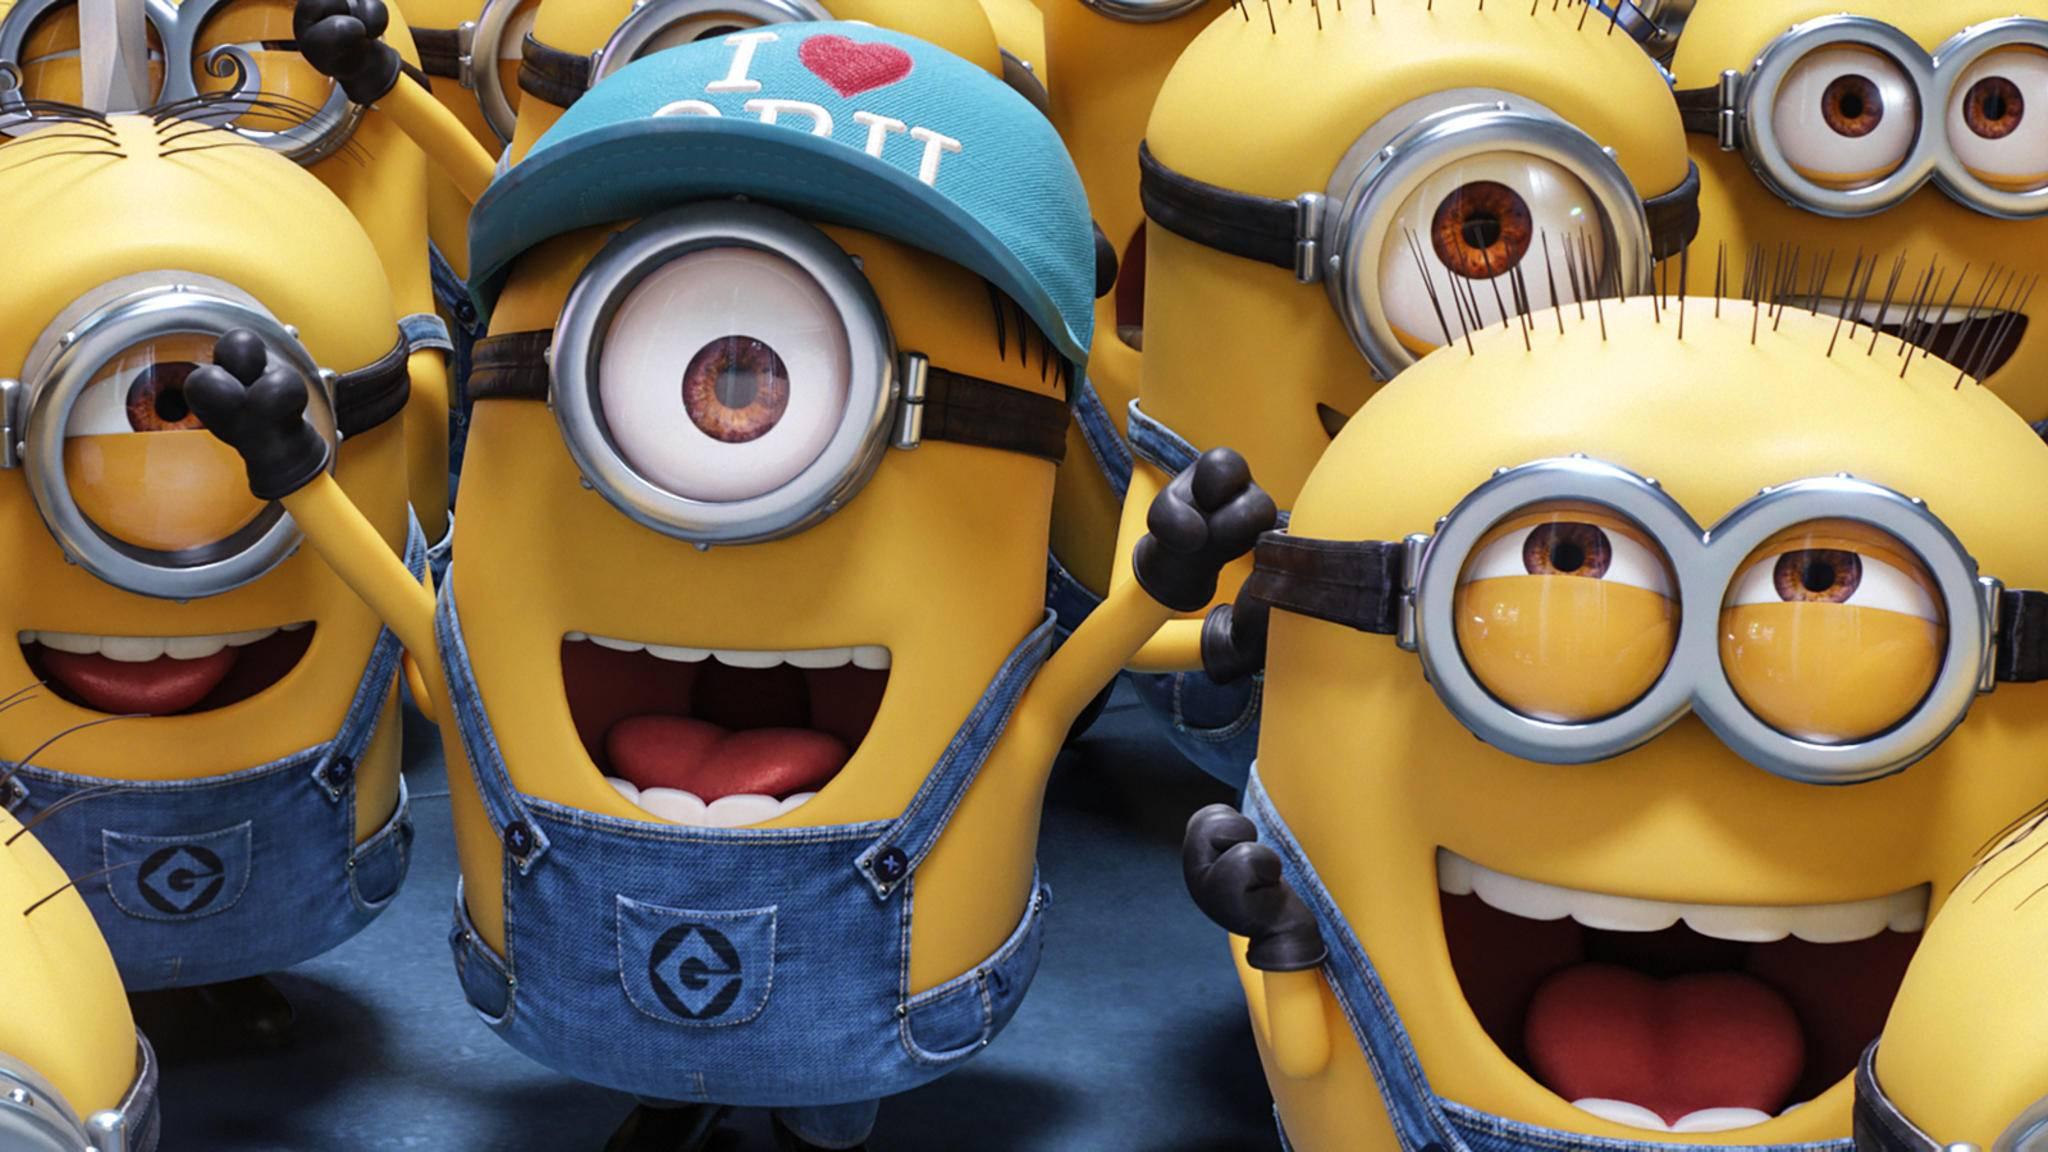 """Auf welche verrückten Ideen die kleinen gelben Helferlein wohl in """"Minions 2"""" kommen werden?"""